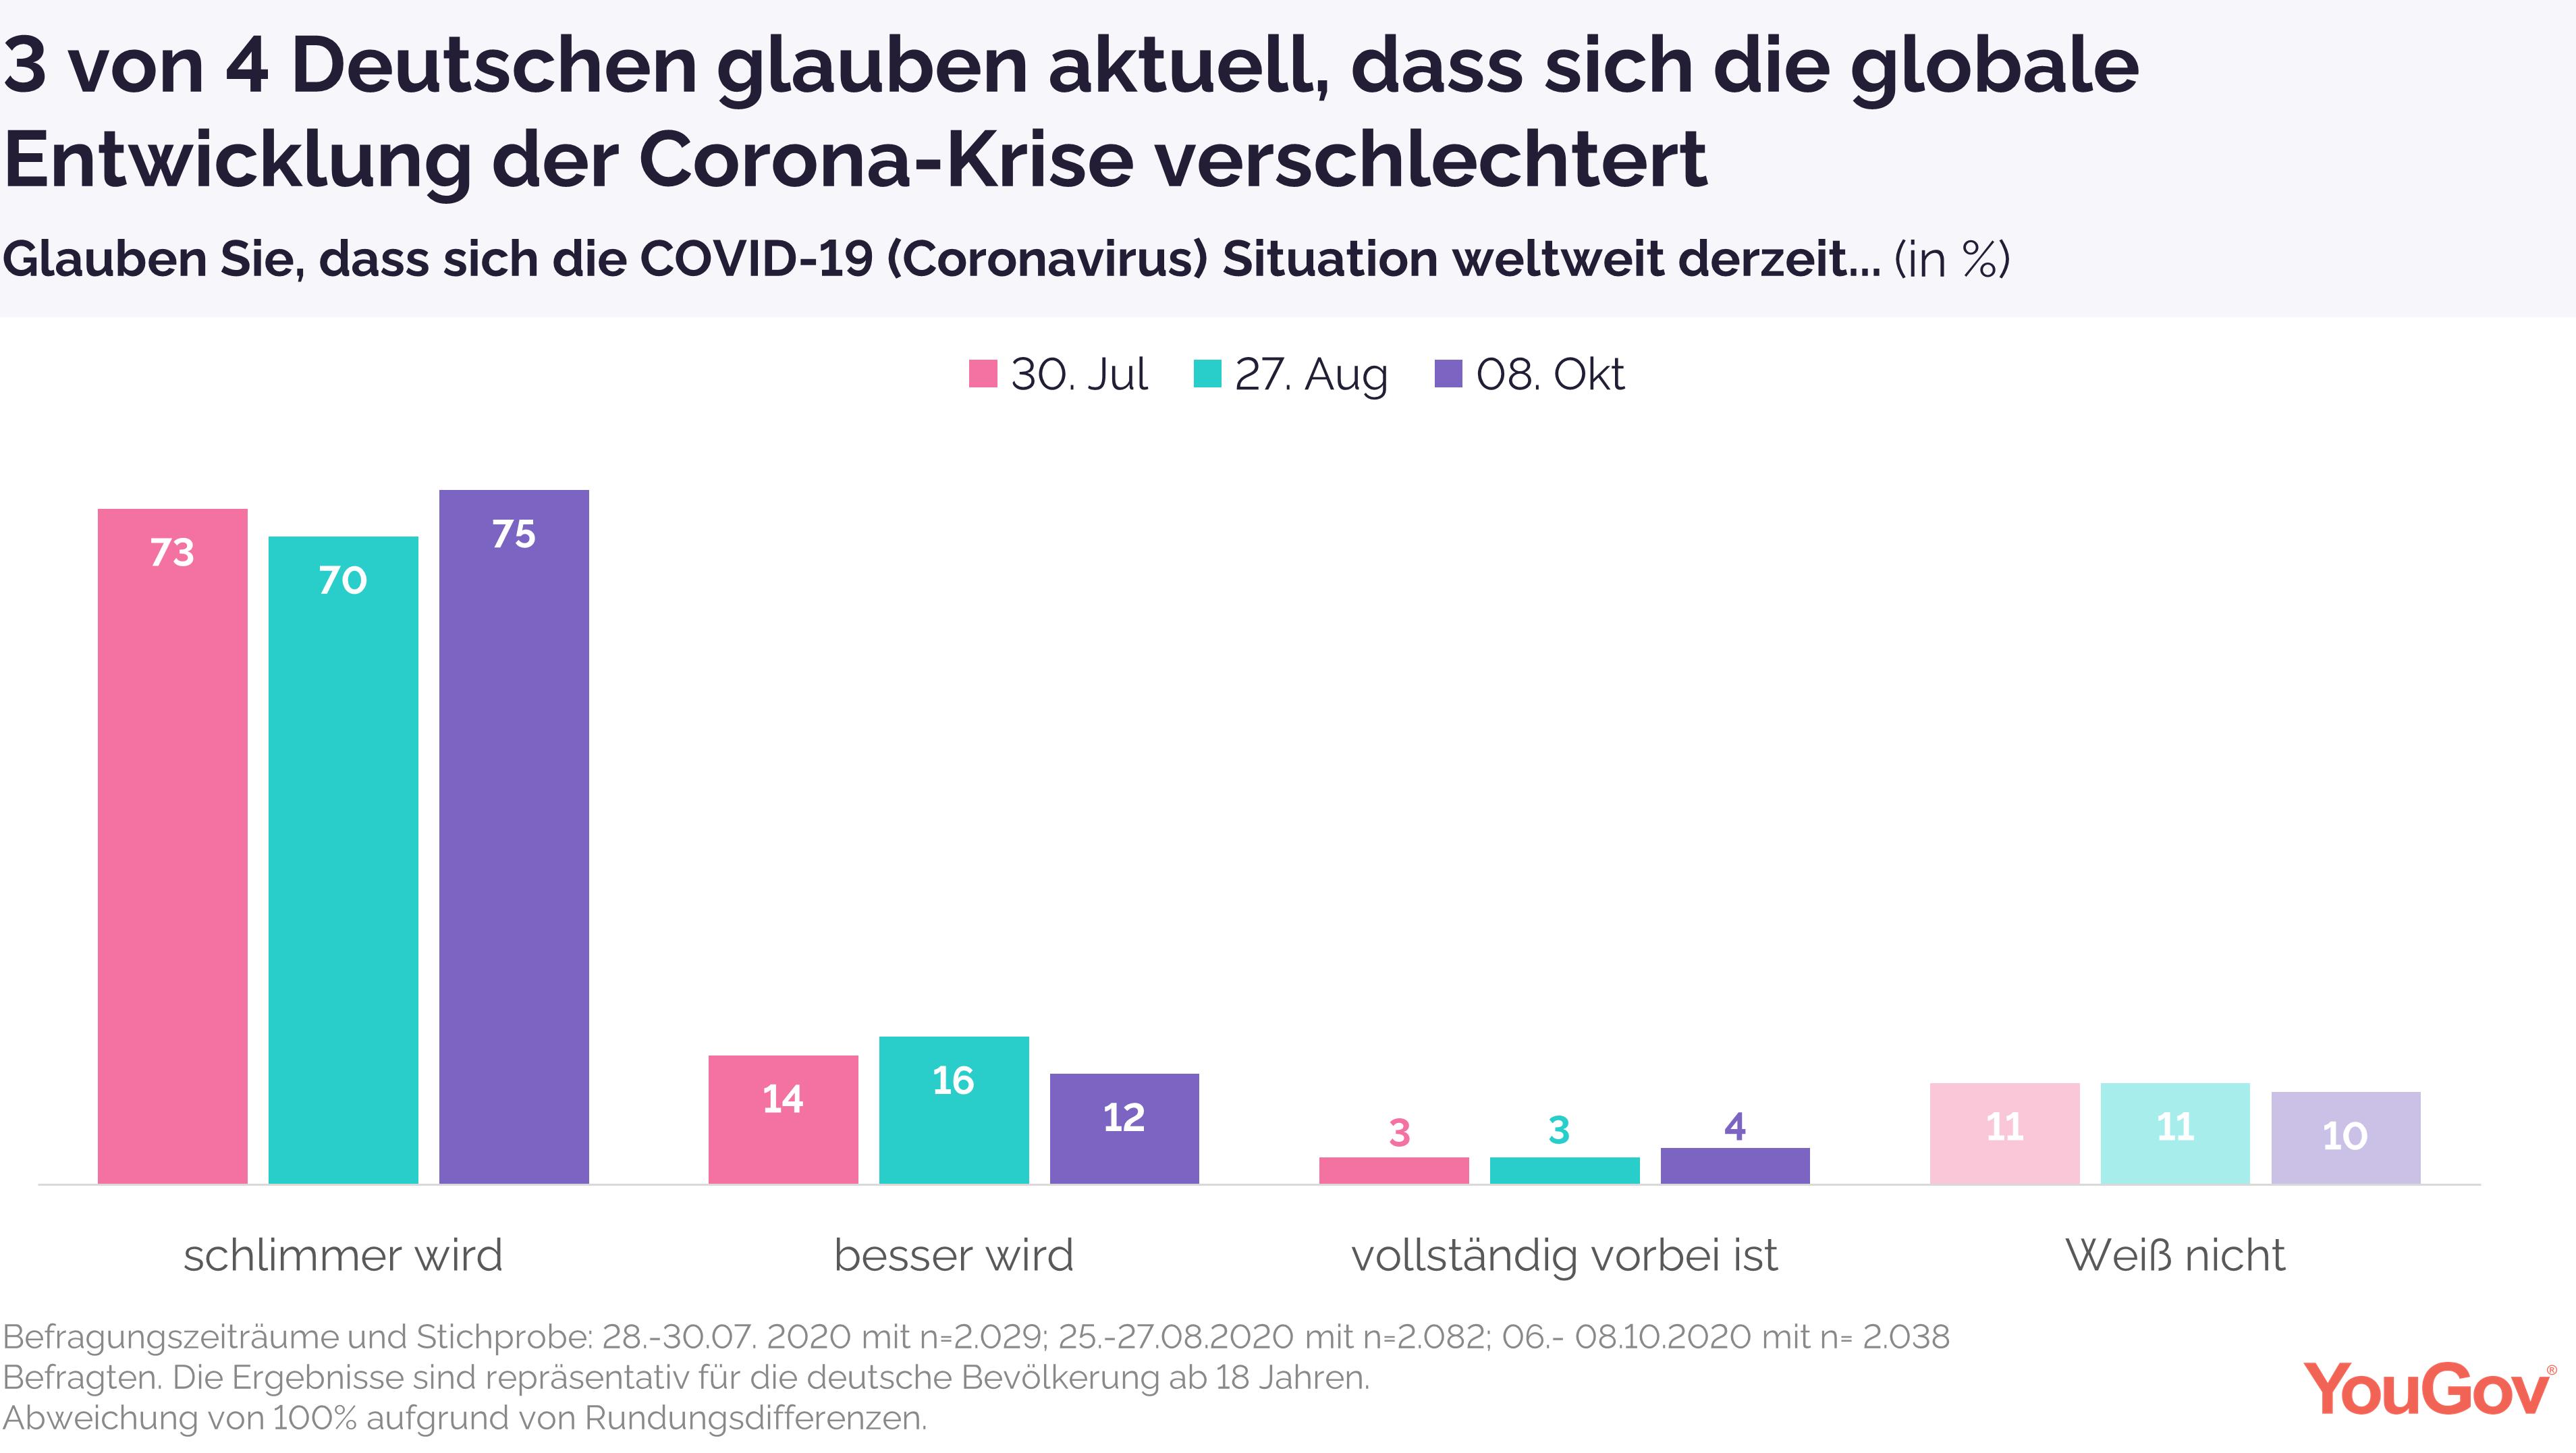 Deutsche sehe weltweite Verschlechterung der Corona-Situation